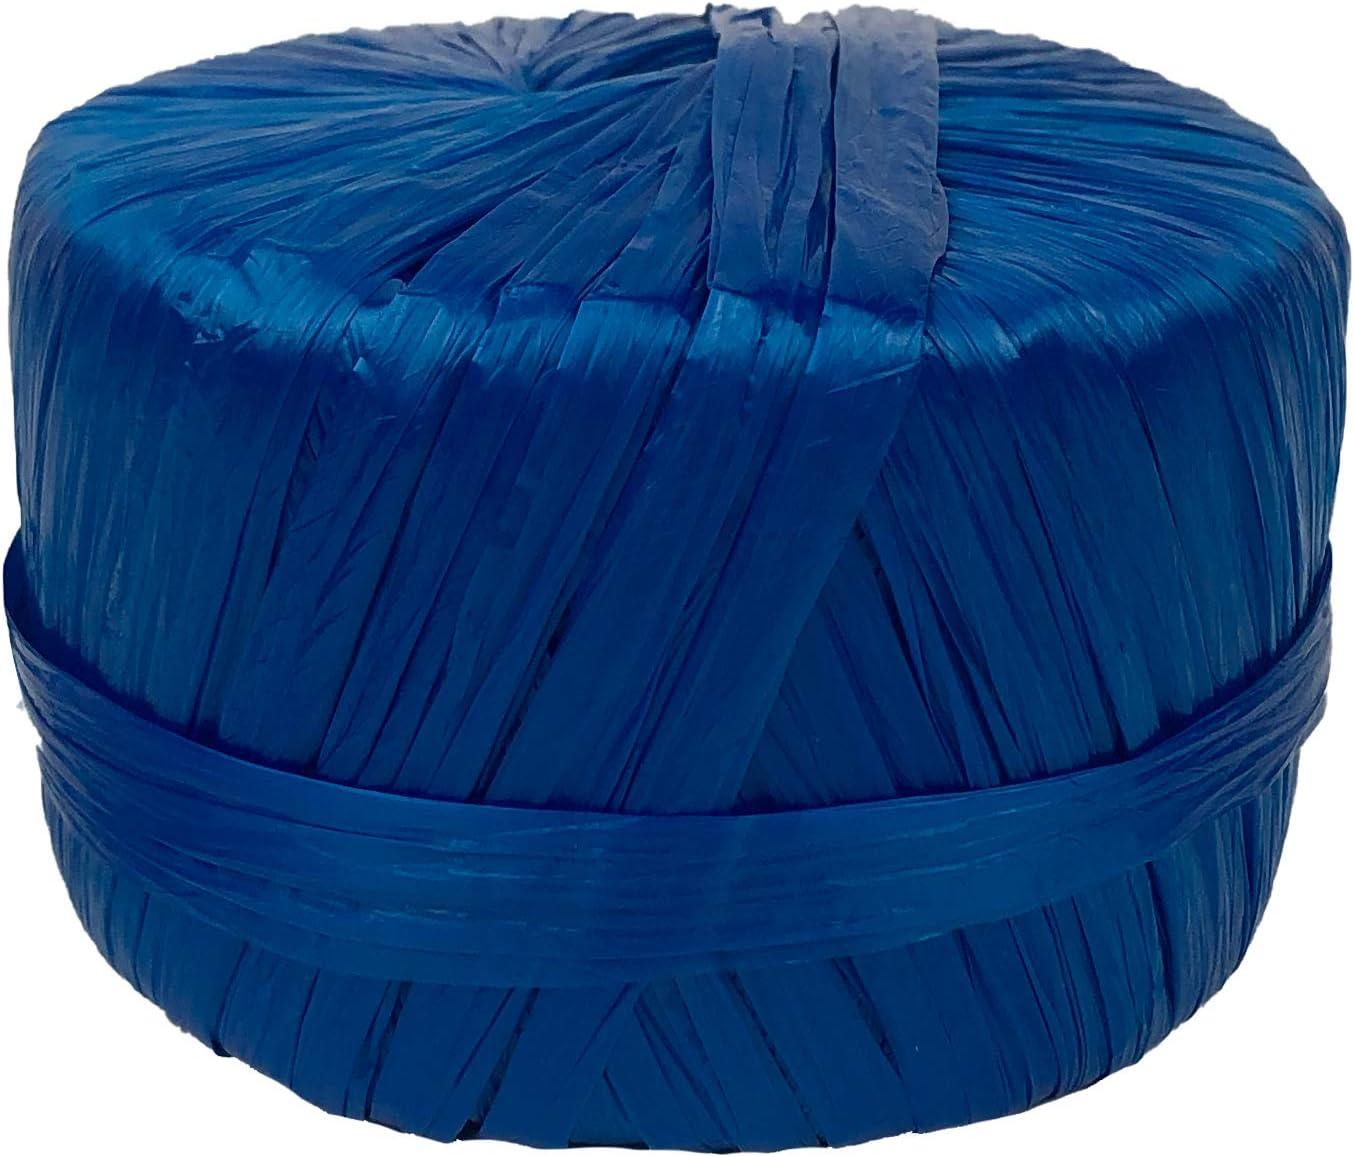 Dtails Plastic Raffia Ribbon Twine 1//4 Wide x 194 Yards Long. Black